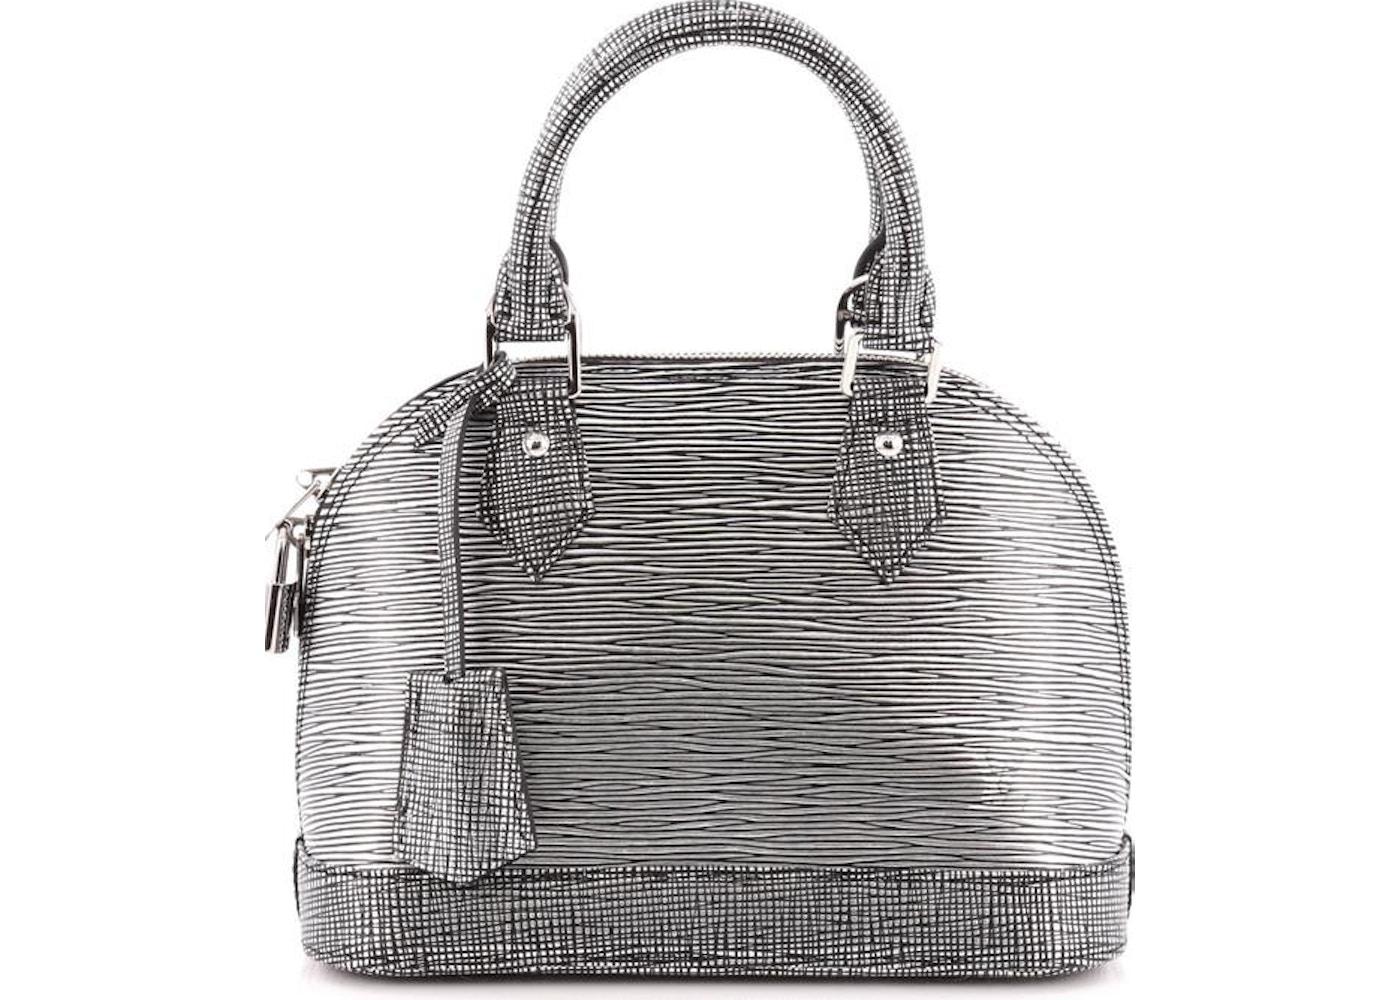 1b993060b550 Louis Vuitton Top Handle Alma Epi BB Silver Black